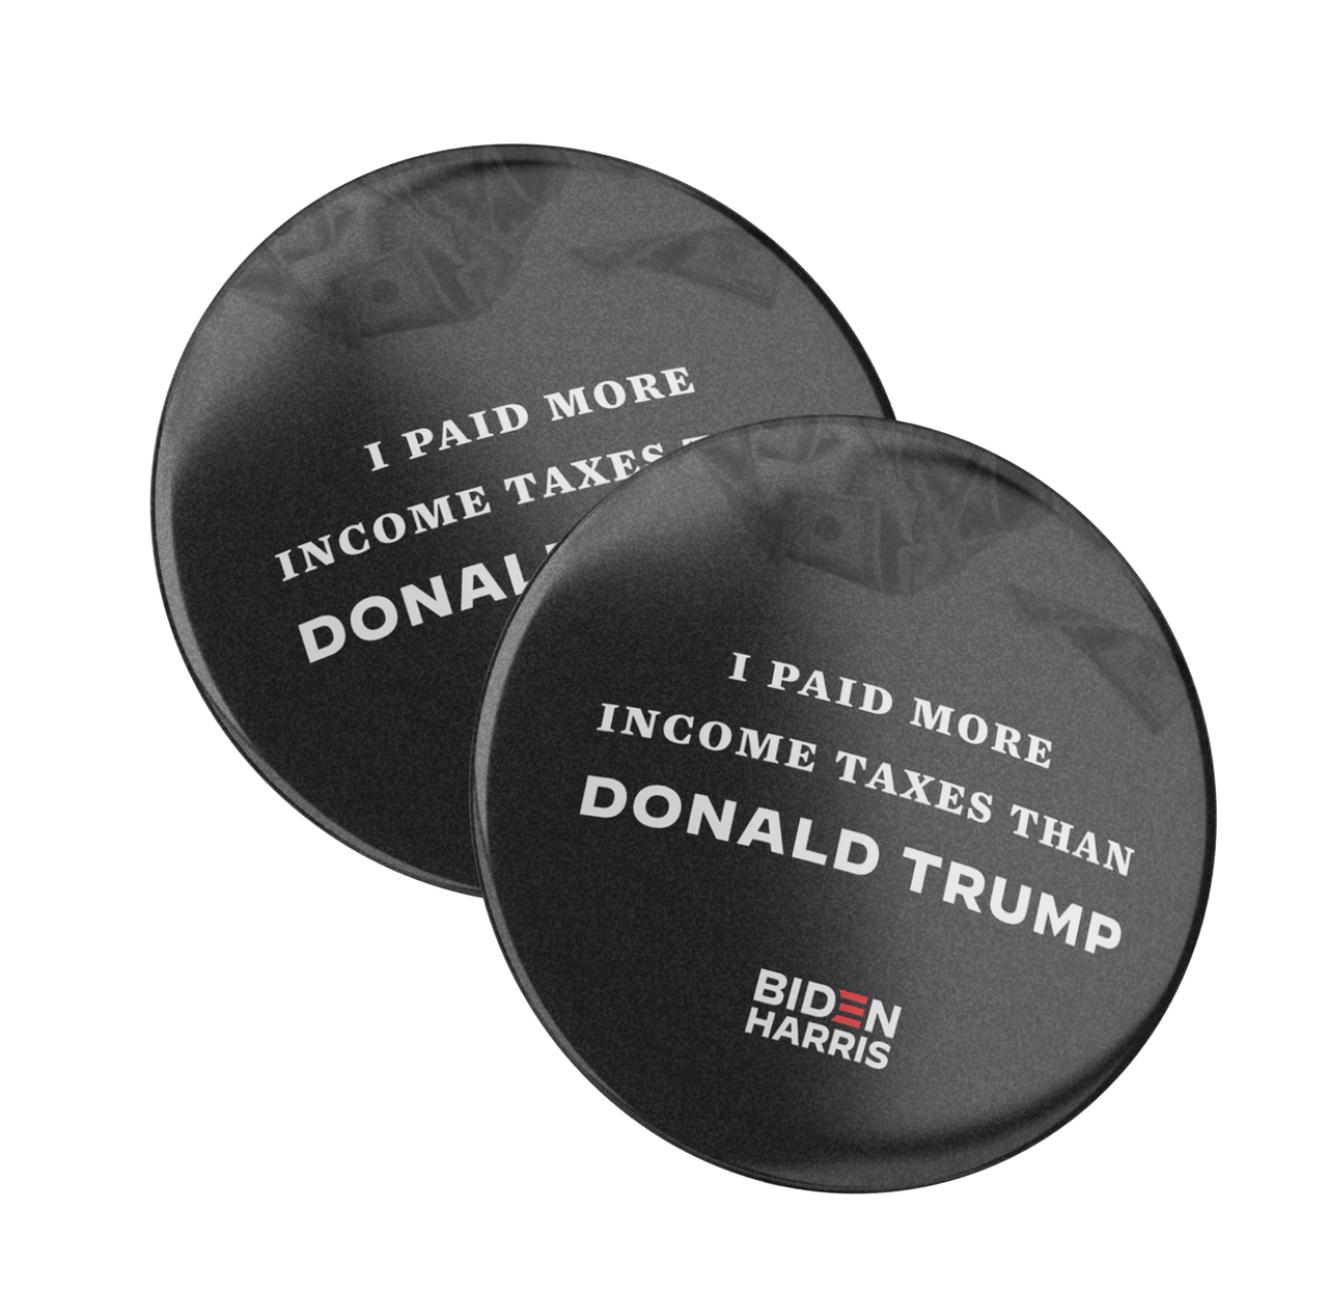 Biden buttons